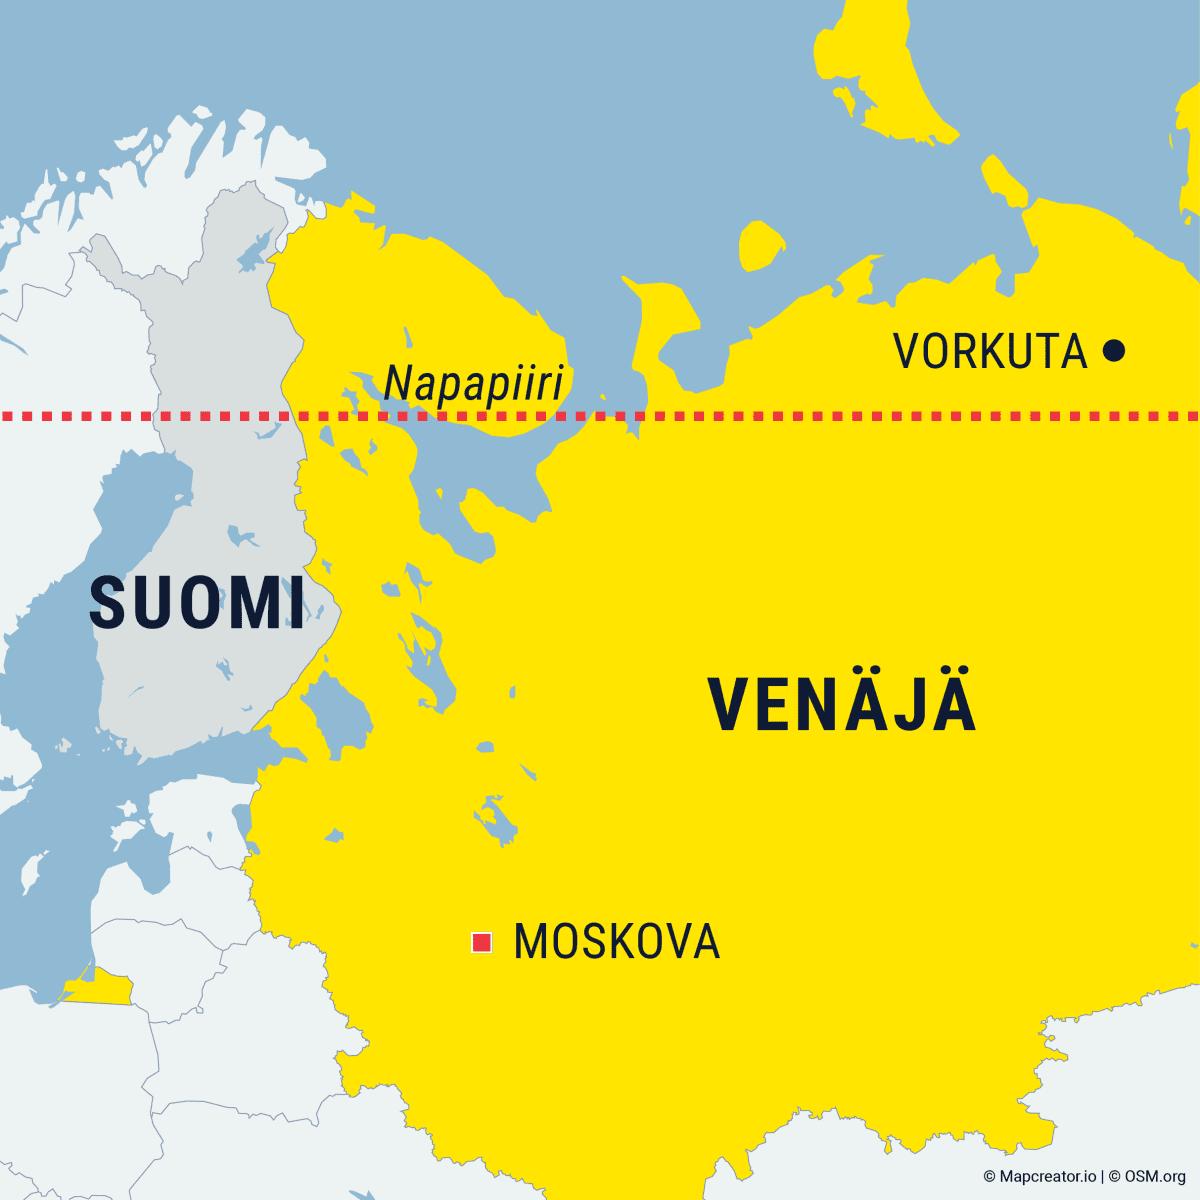 Kartta, joka kuvaa Vorkutan sijainnin Napapiirin pohjoisella puolella Venäjällä.